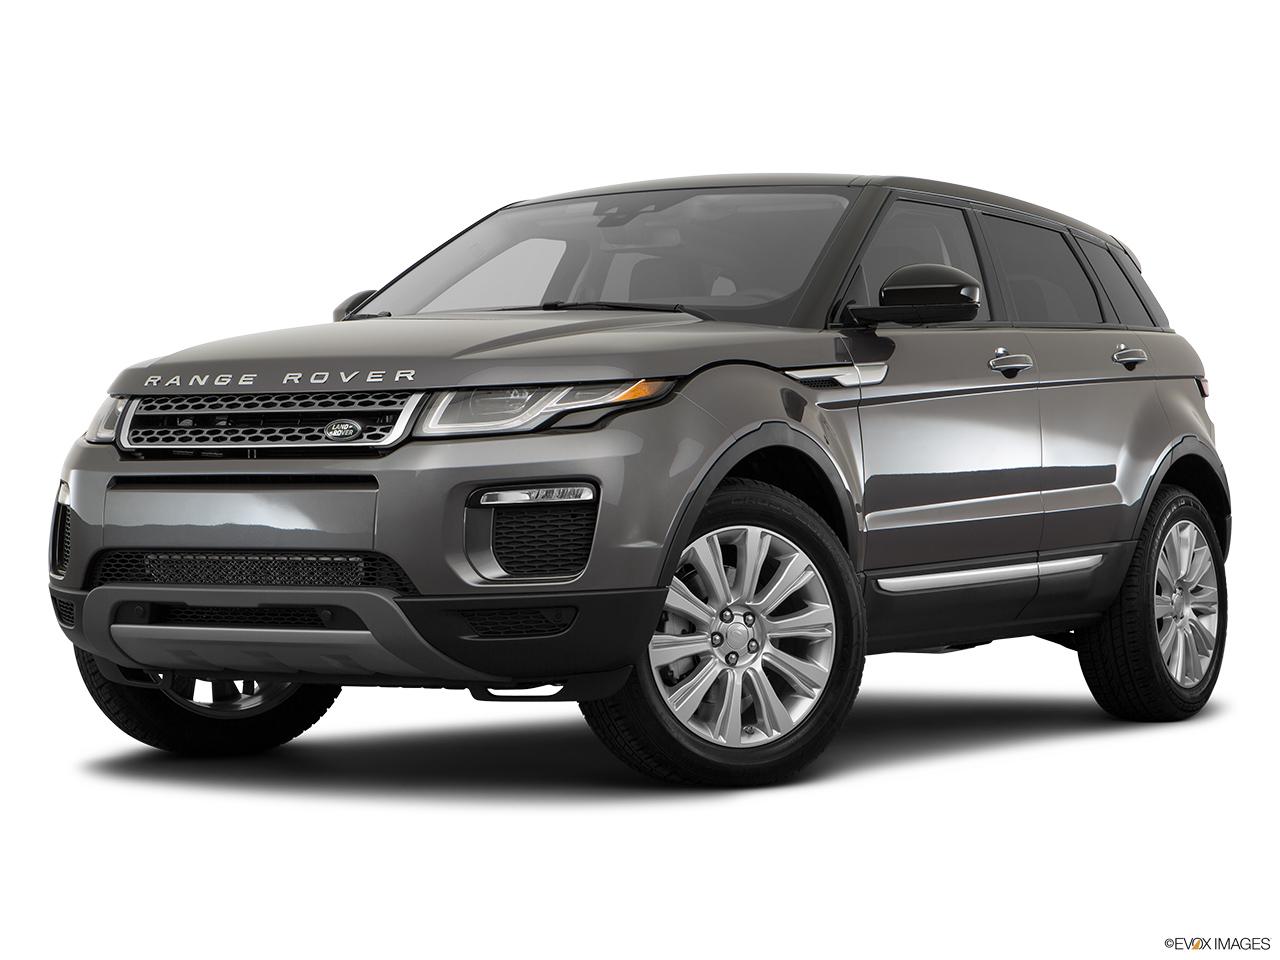 2018 Land Rover Range Rover Evoque >> Lease a 2018 Land Rover Range Rover Evoque Automatic AWD in Canada | LeaseCosts Canada